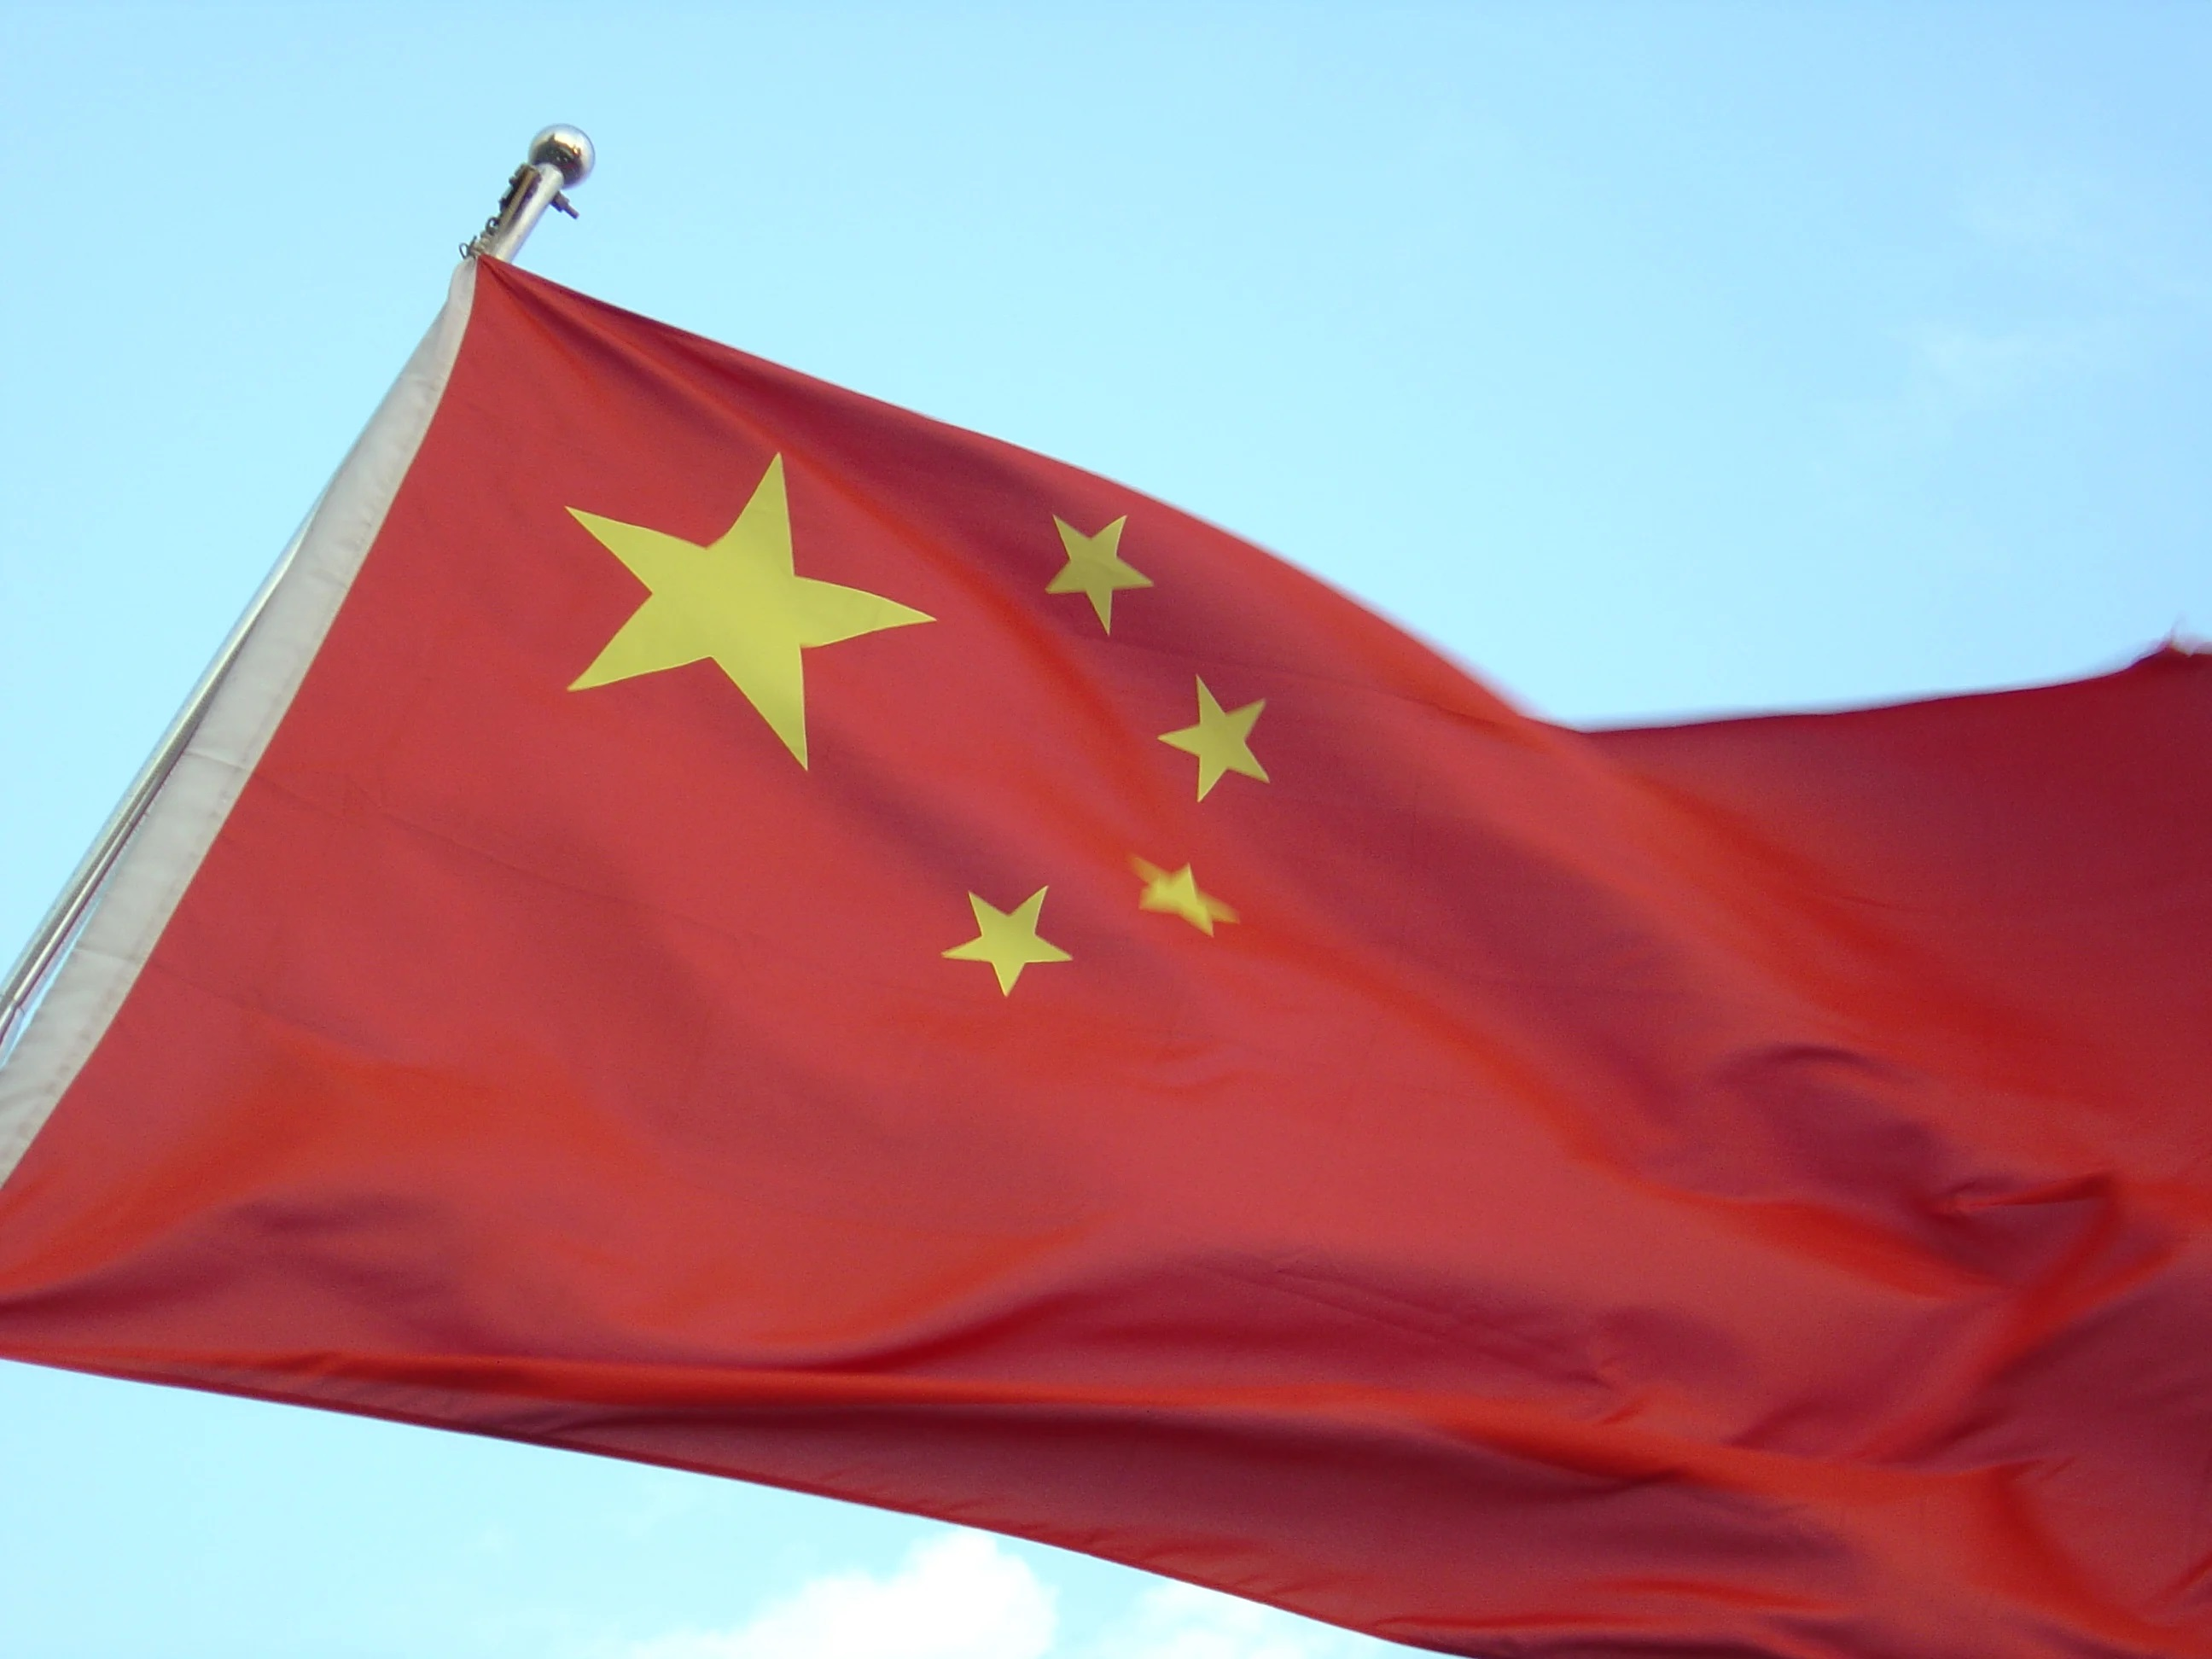 Chiny chwalą się kolejnym zwycięstwem nad USA. Tym razem chodzi o patenty na AI